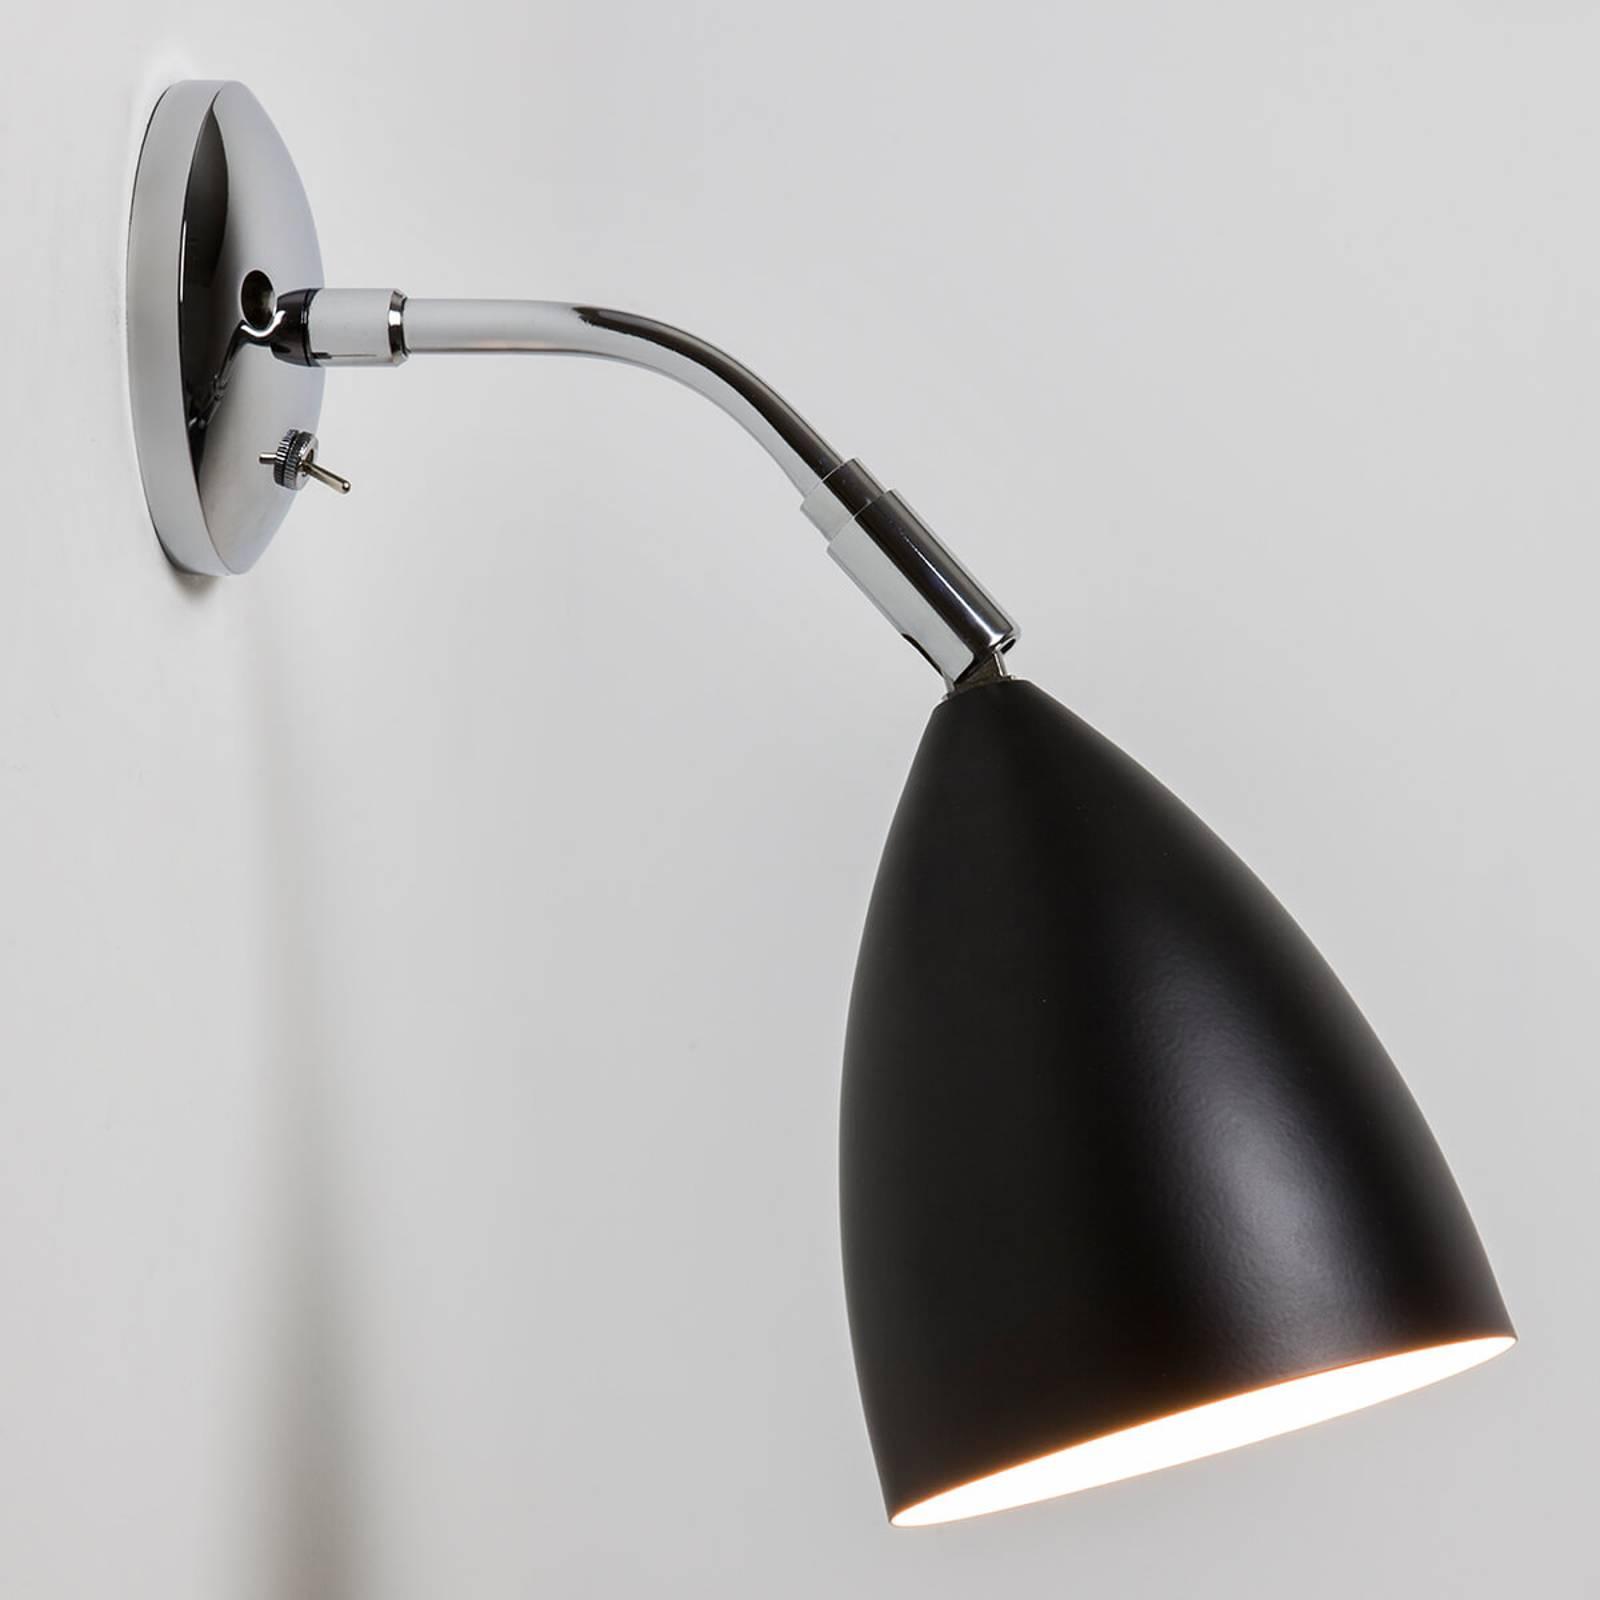 Applique flexible Joel Wall en noir chromé